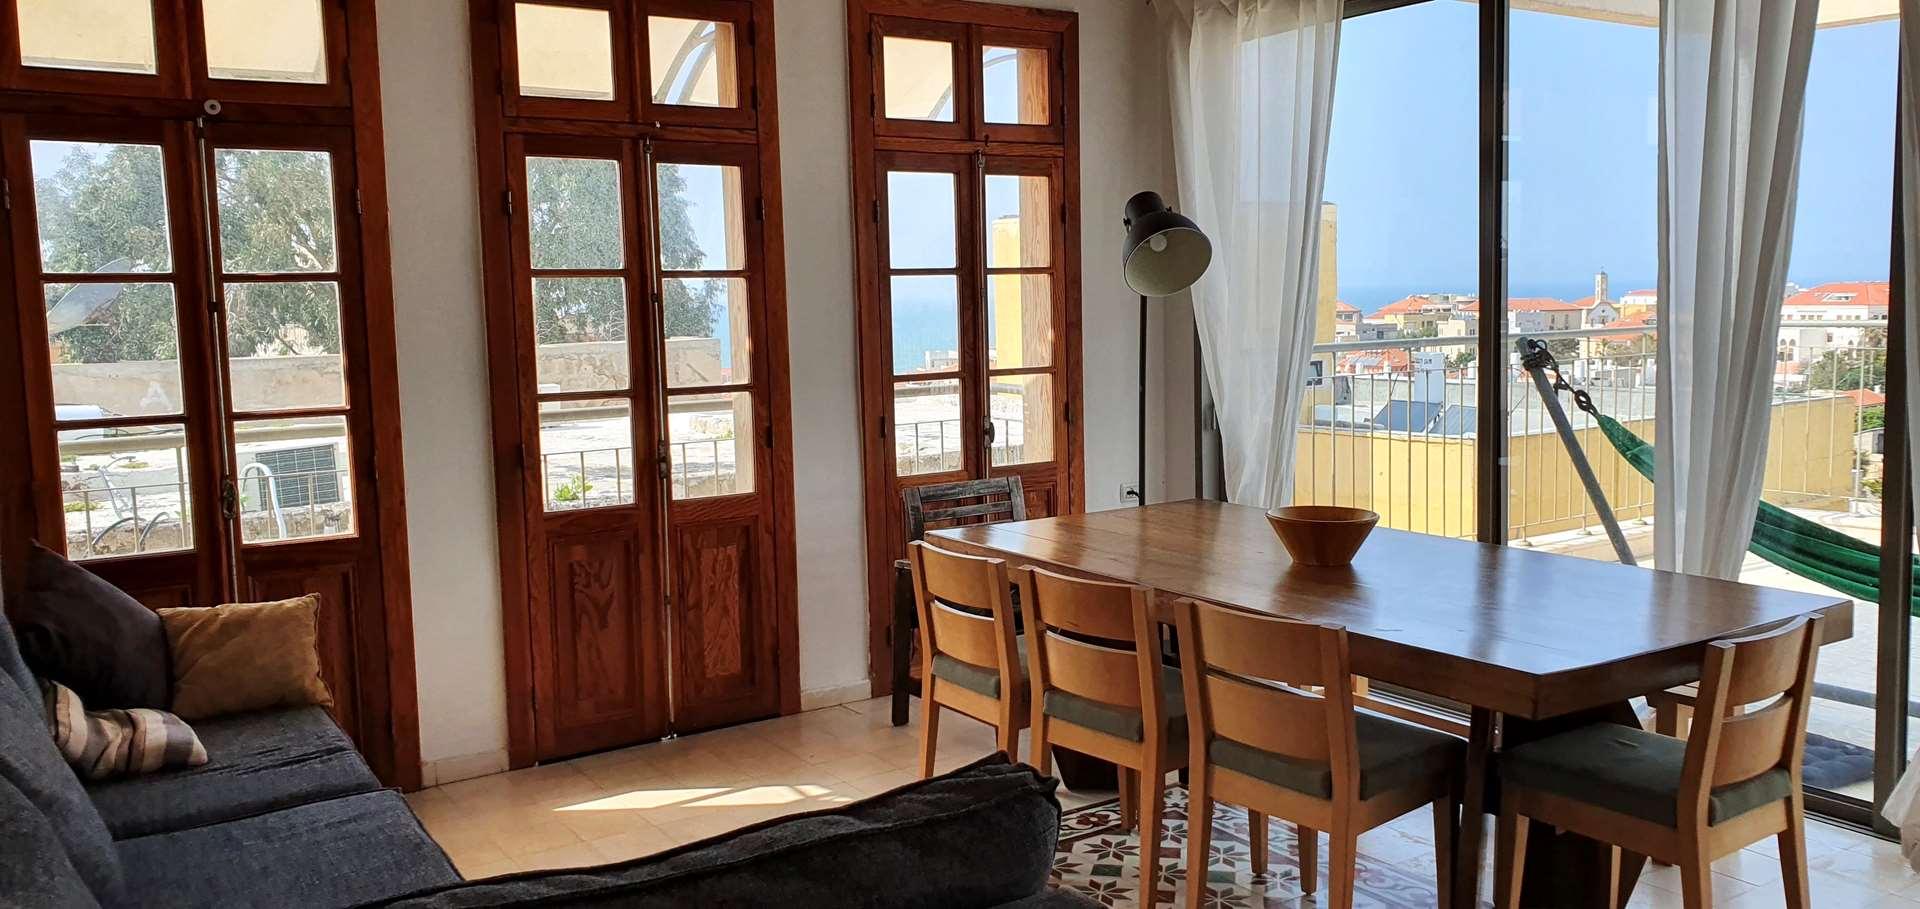 דירת גג, 5 חדרים, סלסלה, תל אביב...